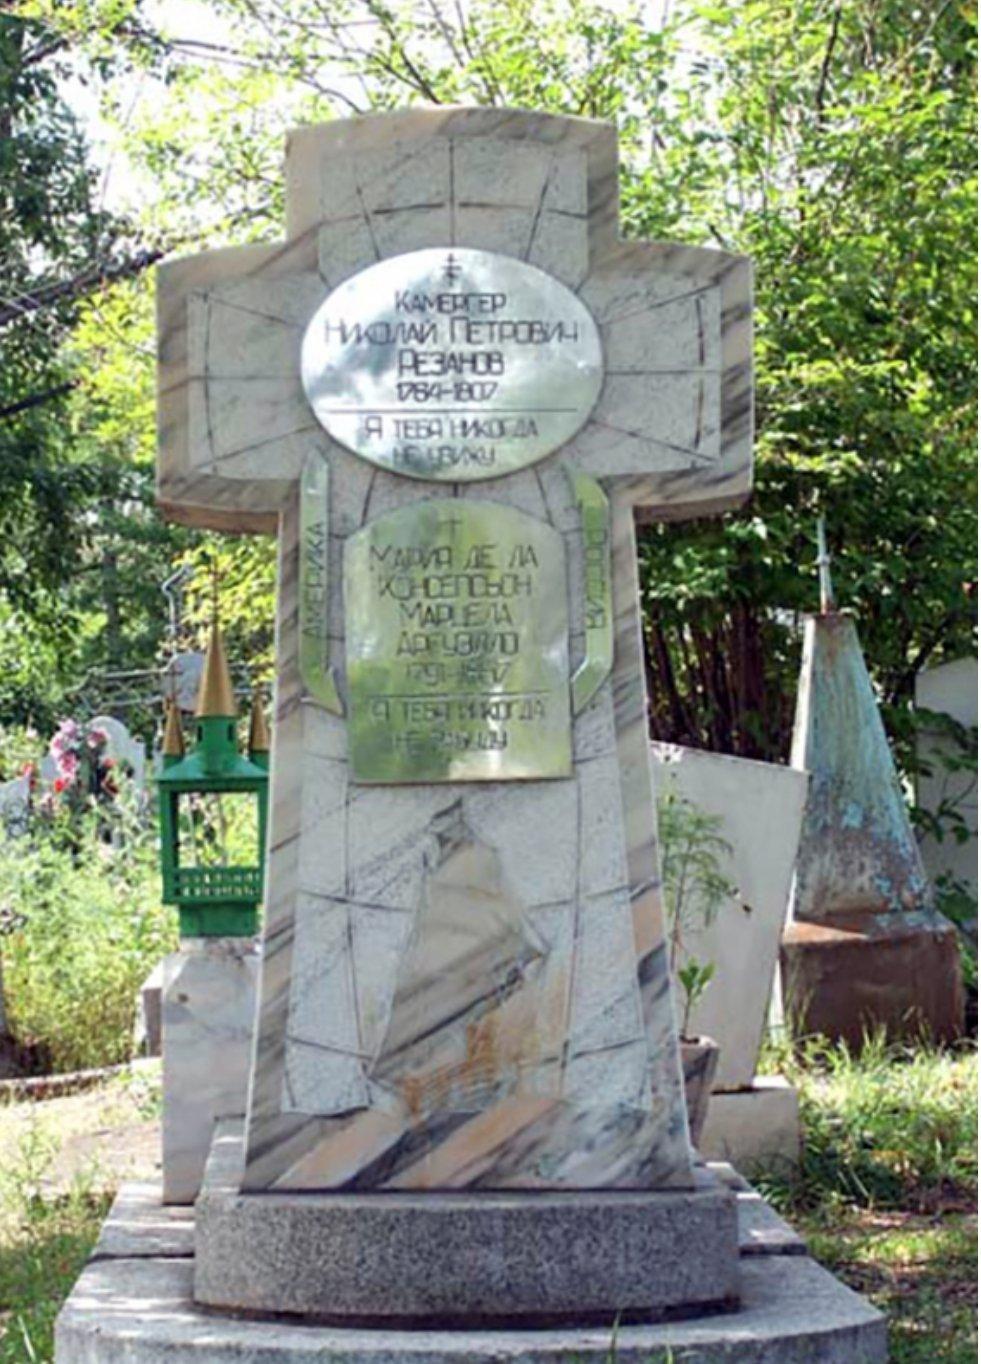 Thumbnail for Una cruz, 2 placas, 2 nombres y 2 frases en ruso - by @olgarusu